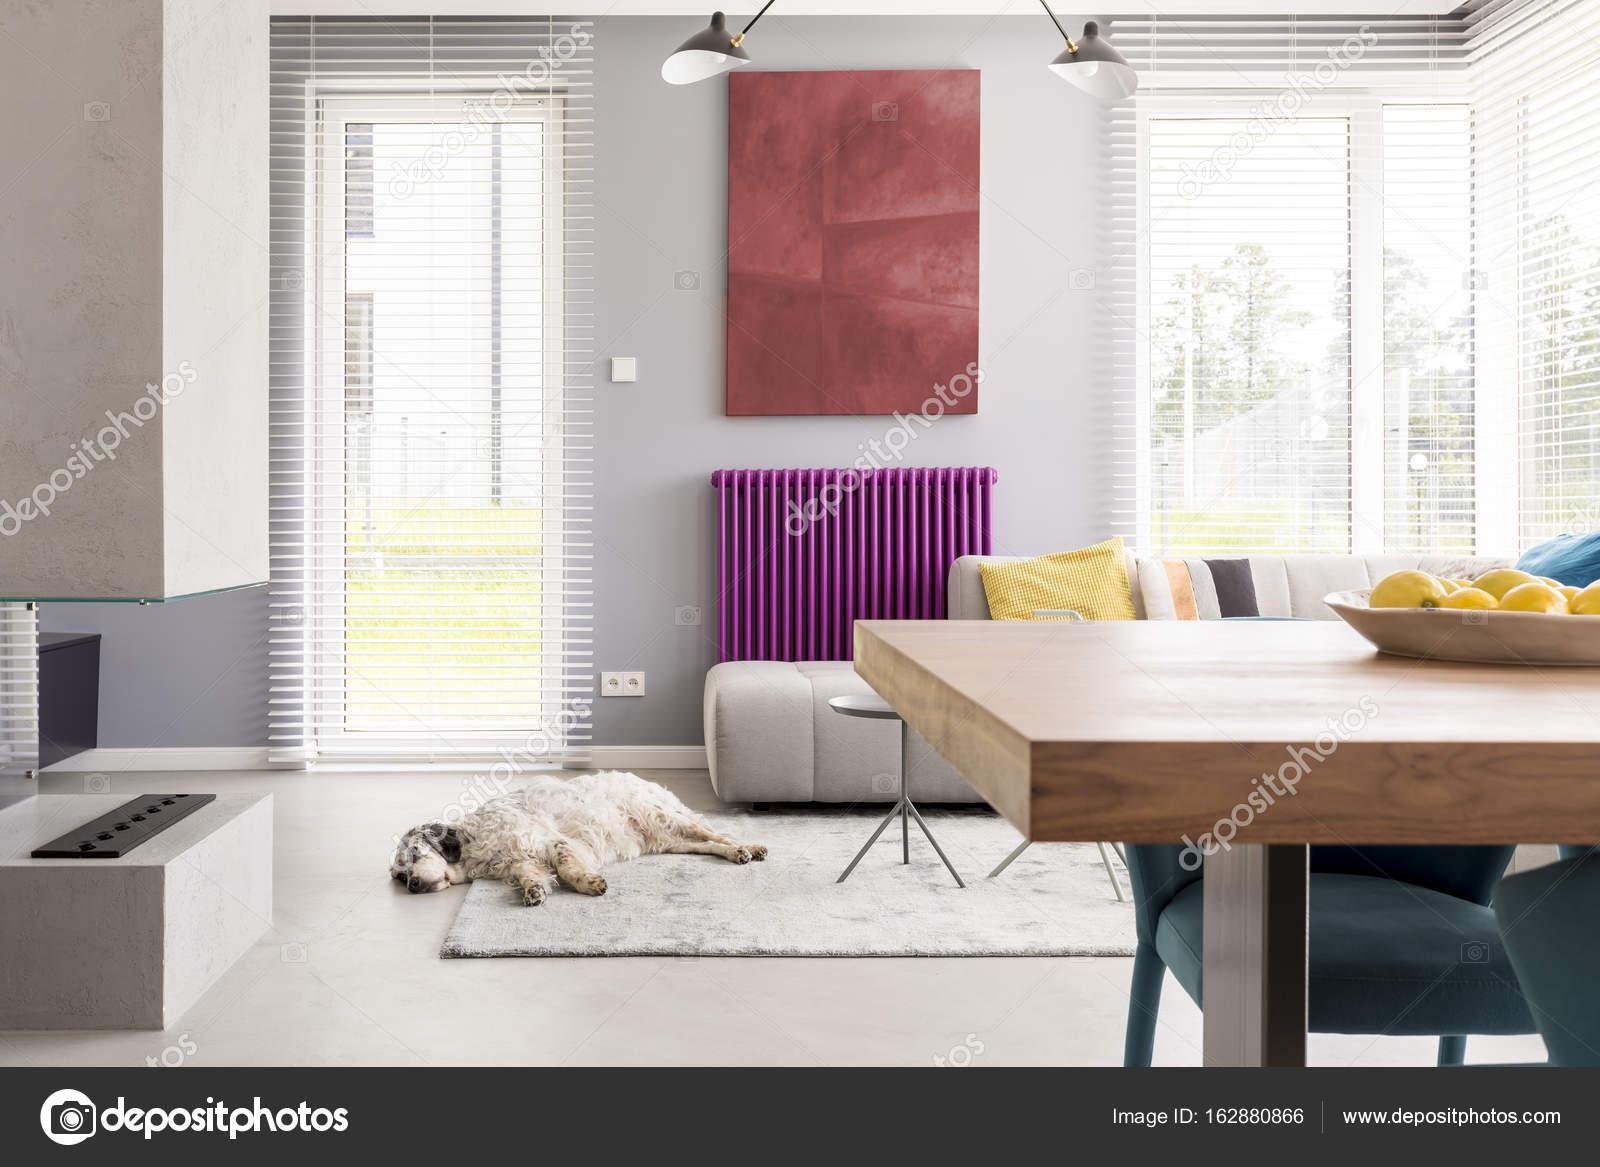 Hell Beige Couch, Tisch, Kamin, Kunstwerk, Helle Fenster Und Lila Akzent Im  Modernen Wohnzimmer Mit Hund Schlafen Auf Dem Teppich U2014 Foto Von  Photographee.eu